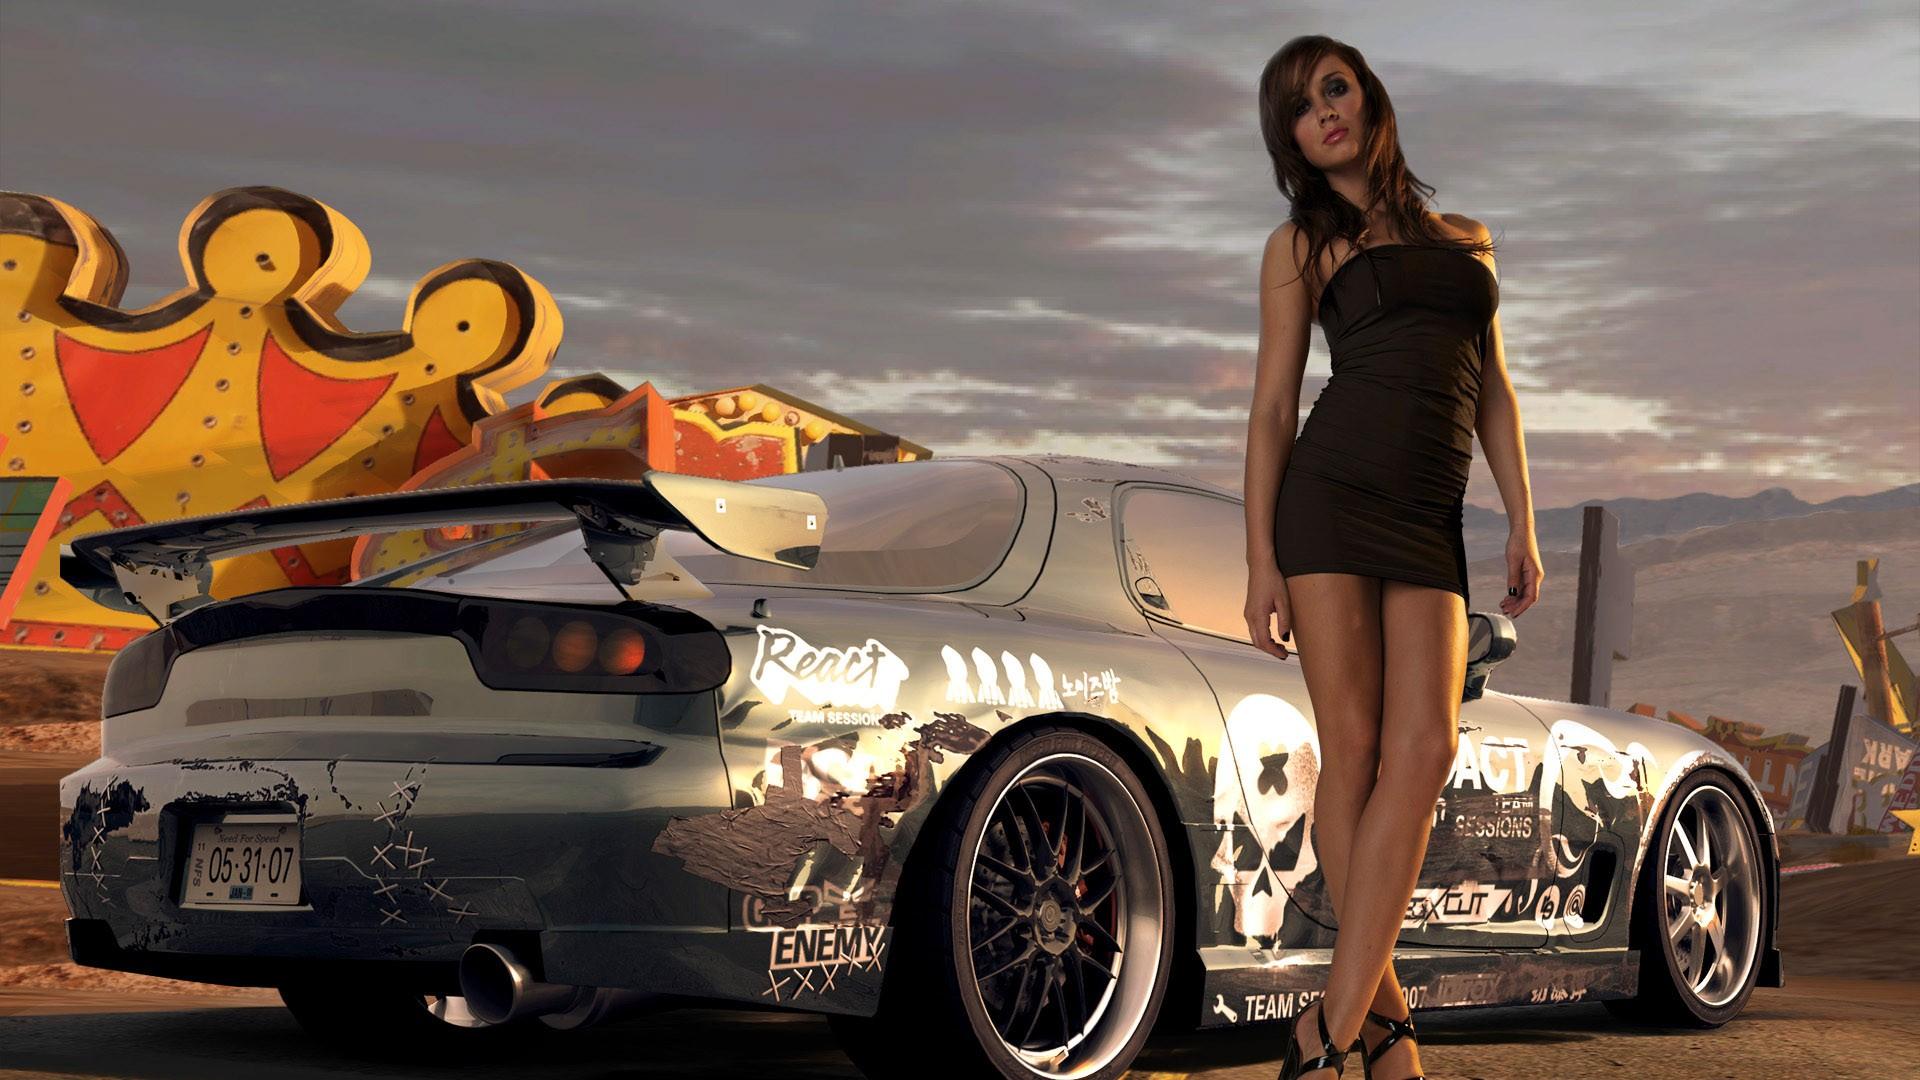 Chicas y autos - 1920x1080